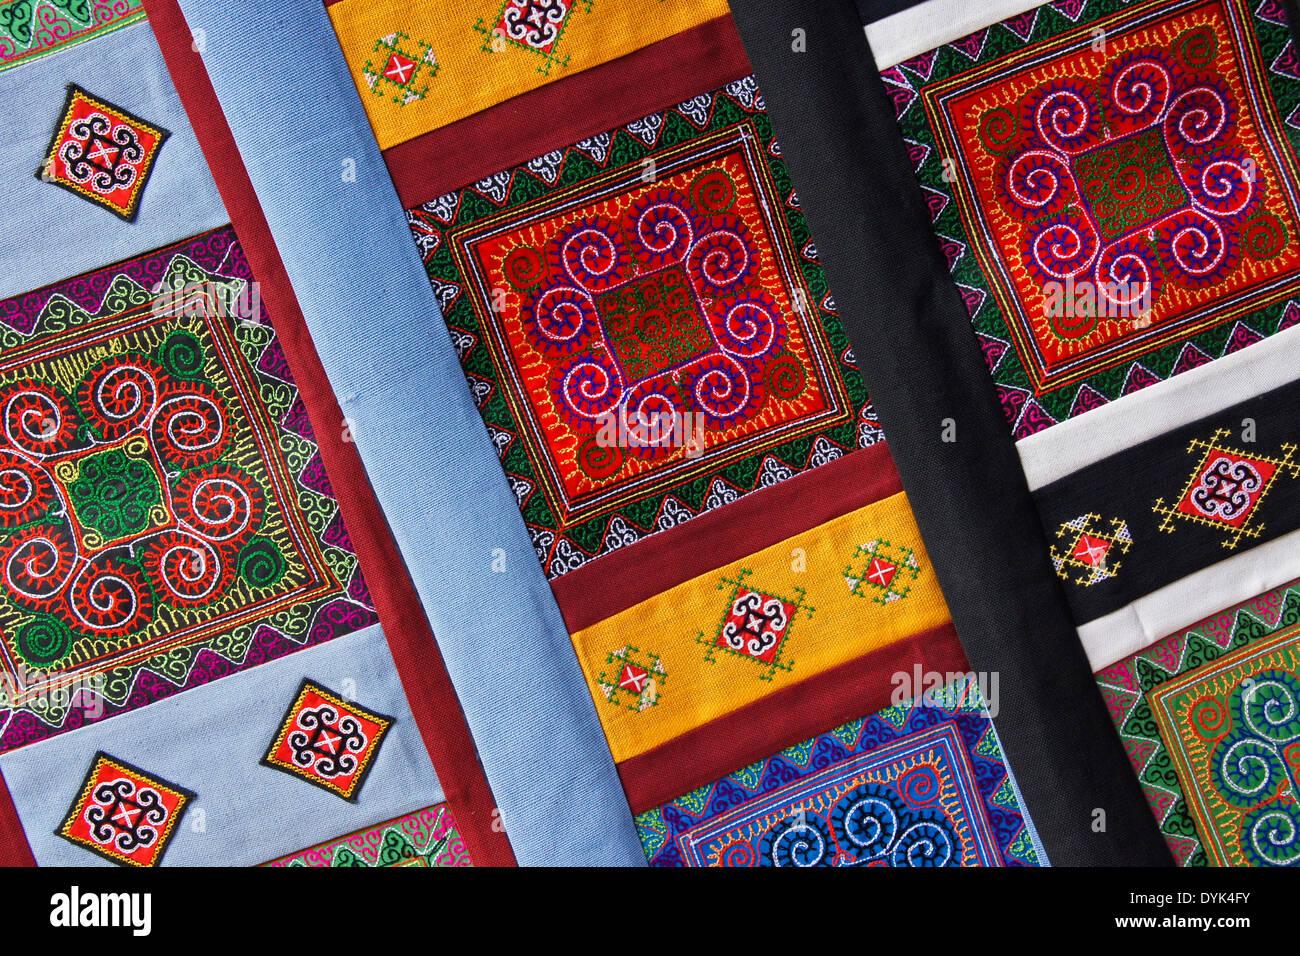 Embroidery of Hmong women, Sapa (Sa Pa), North Vietnam - Stock Image